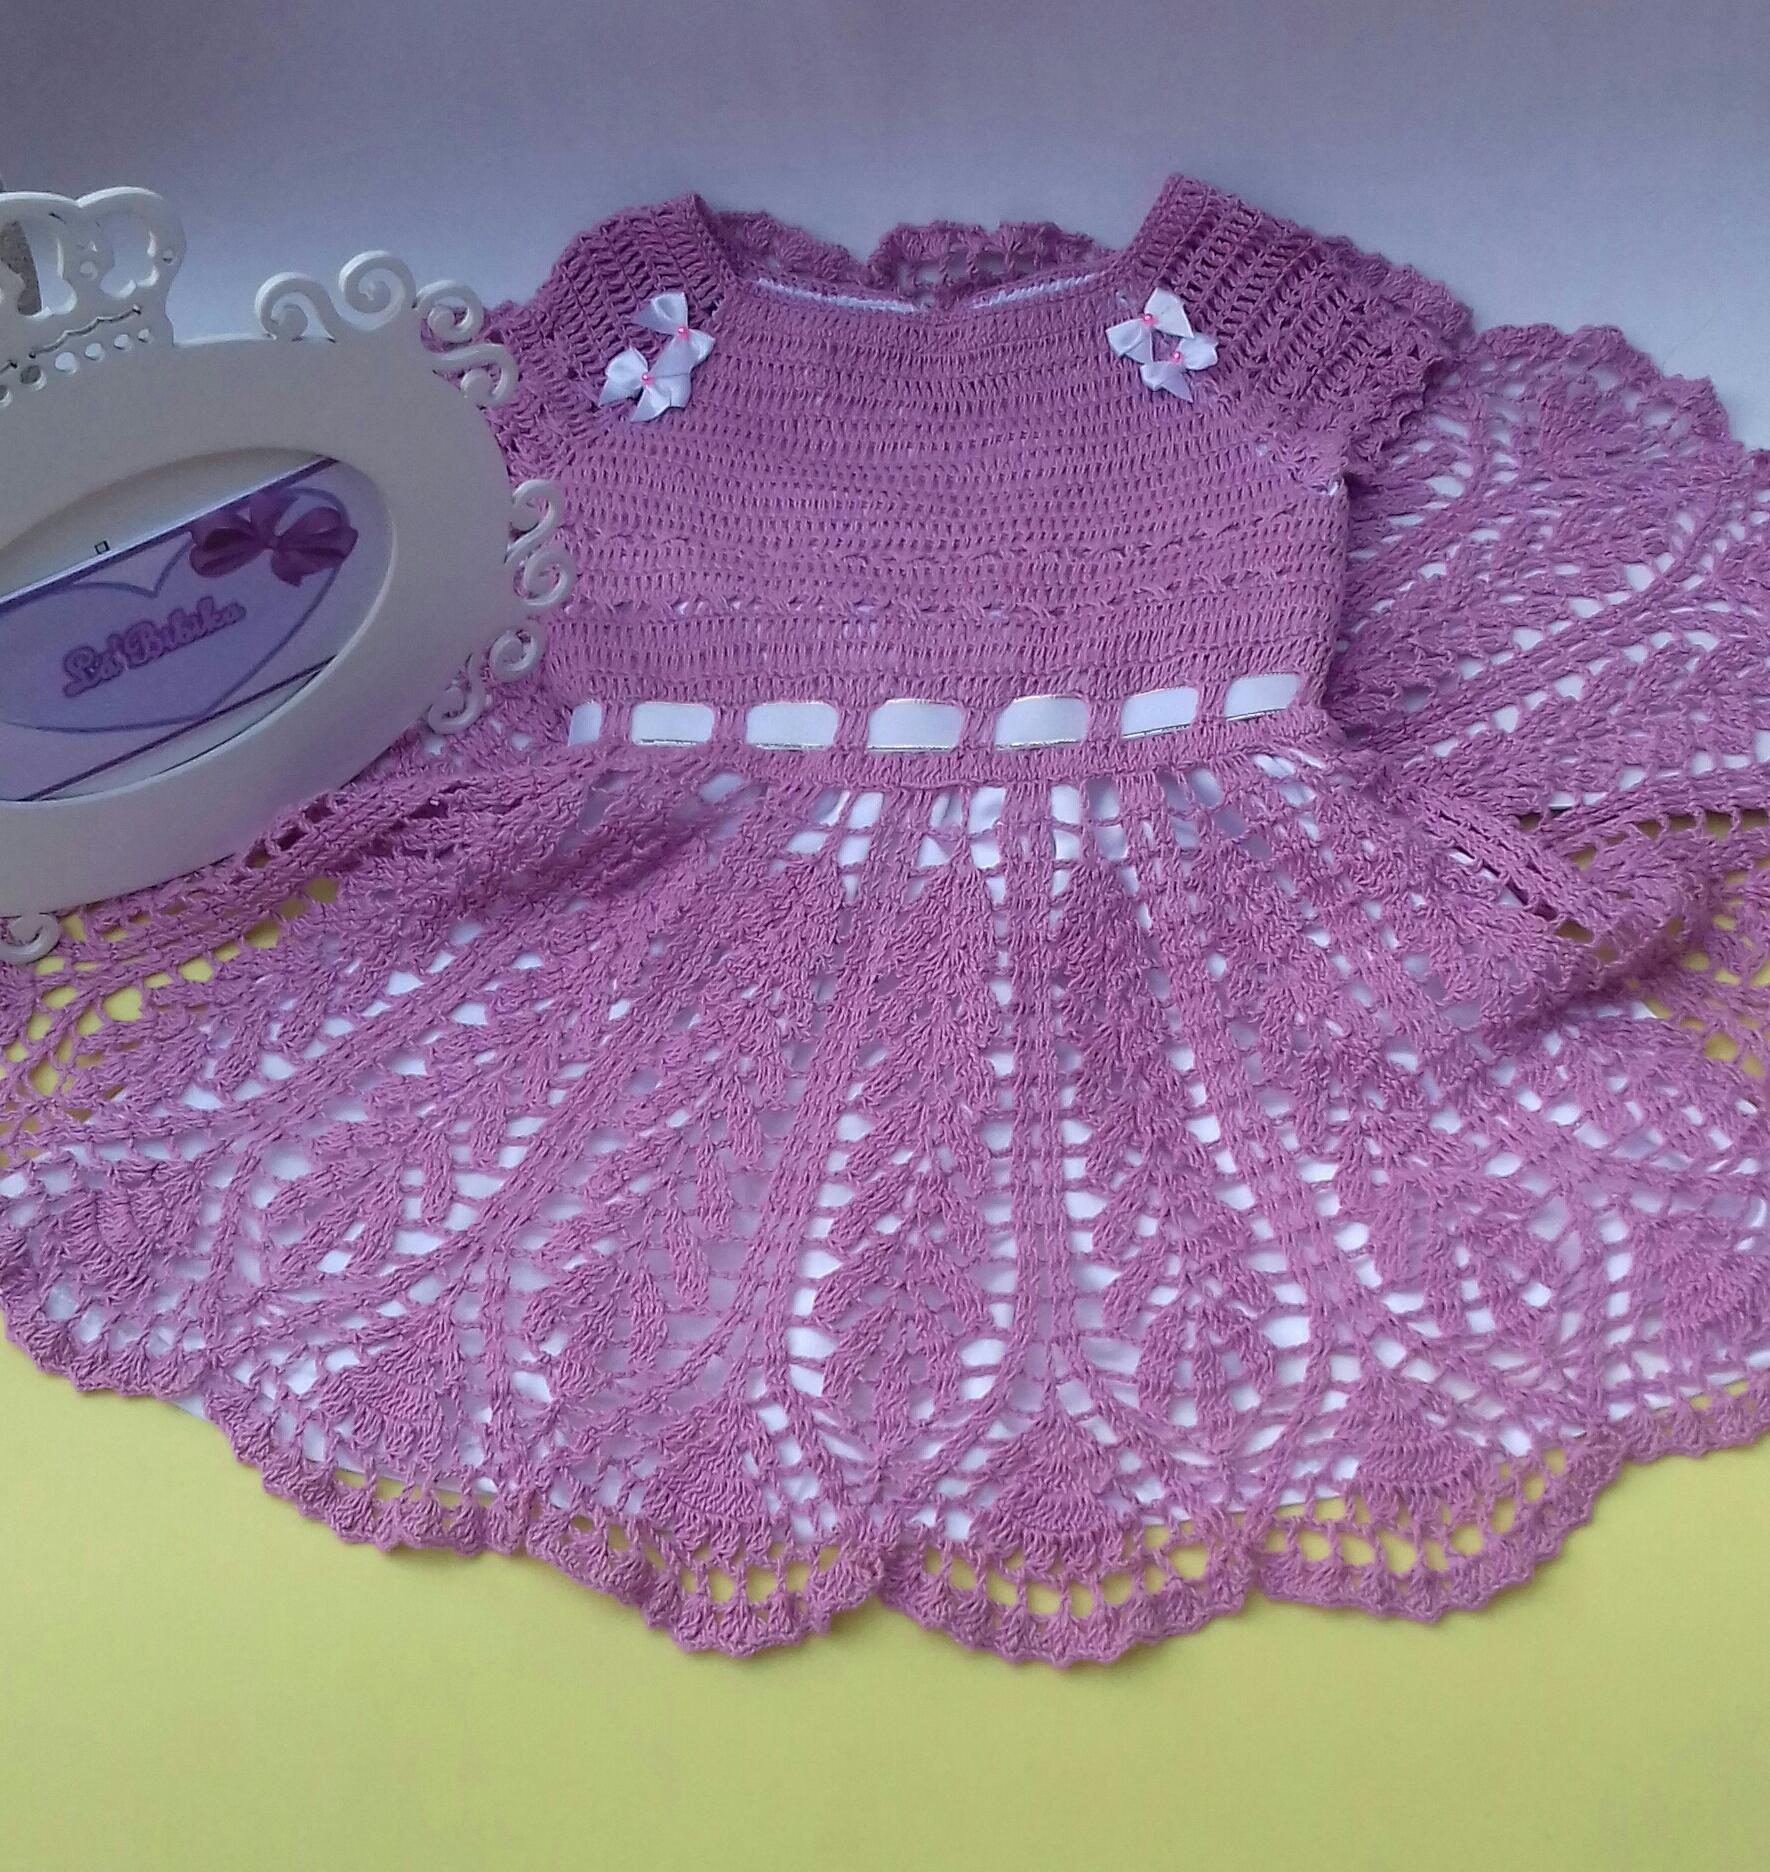 93a5be552 Vestido de croche com forro + faixinha de cabelo (3-6 meses) no Elo7 |  LáBibika (850730)